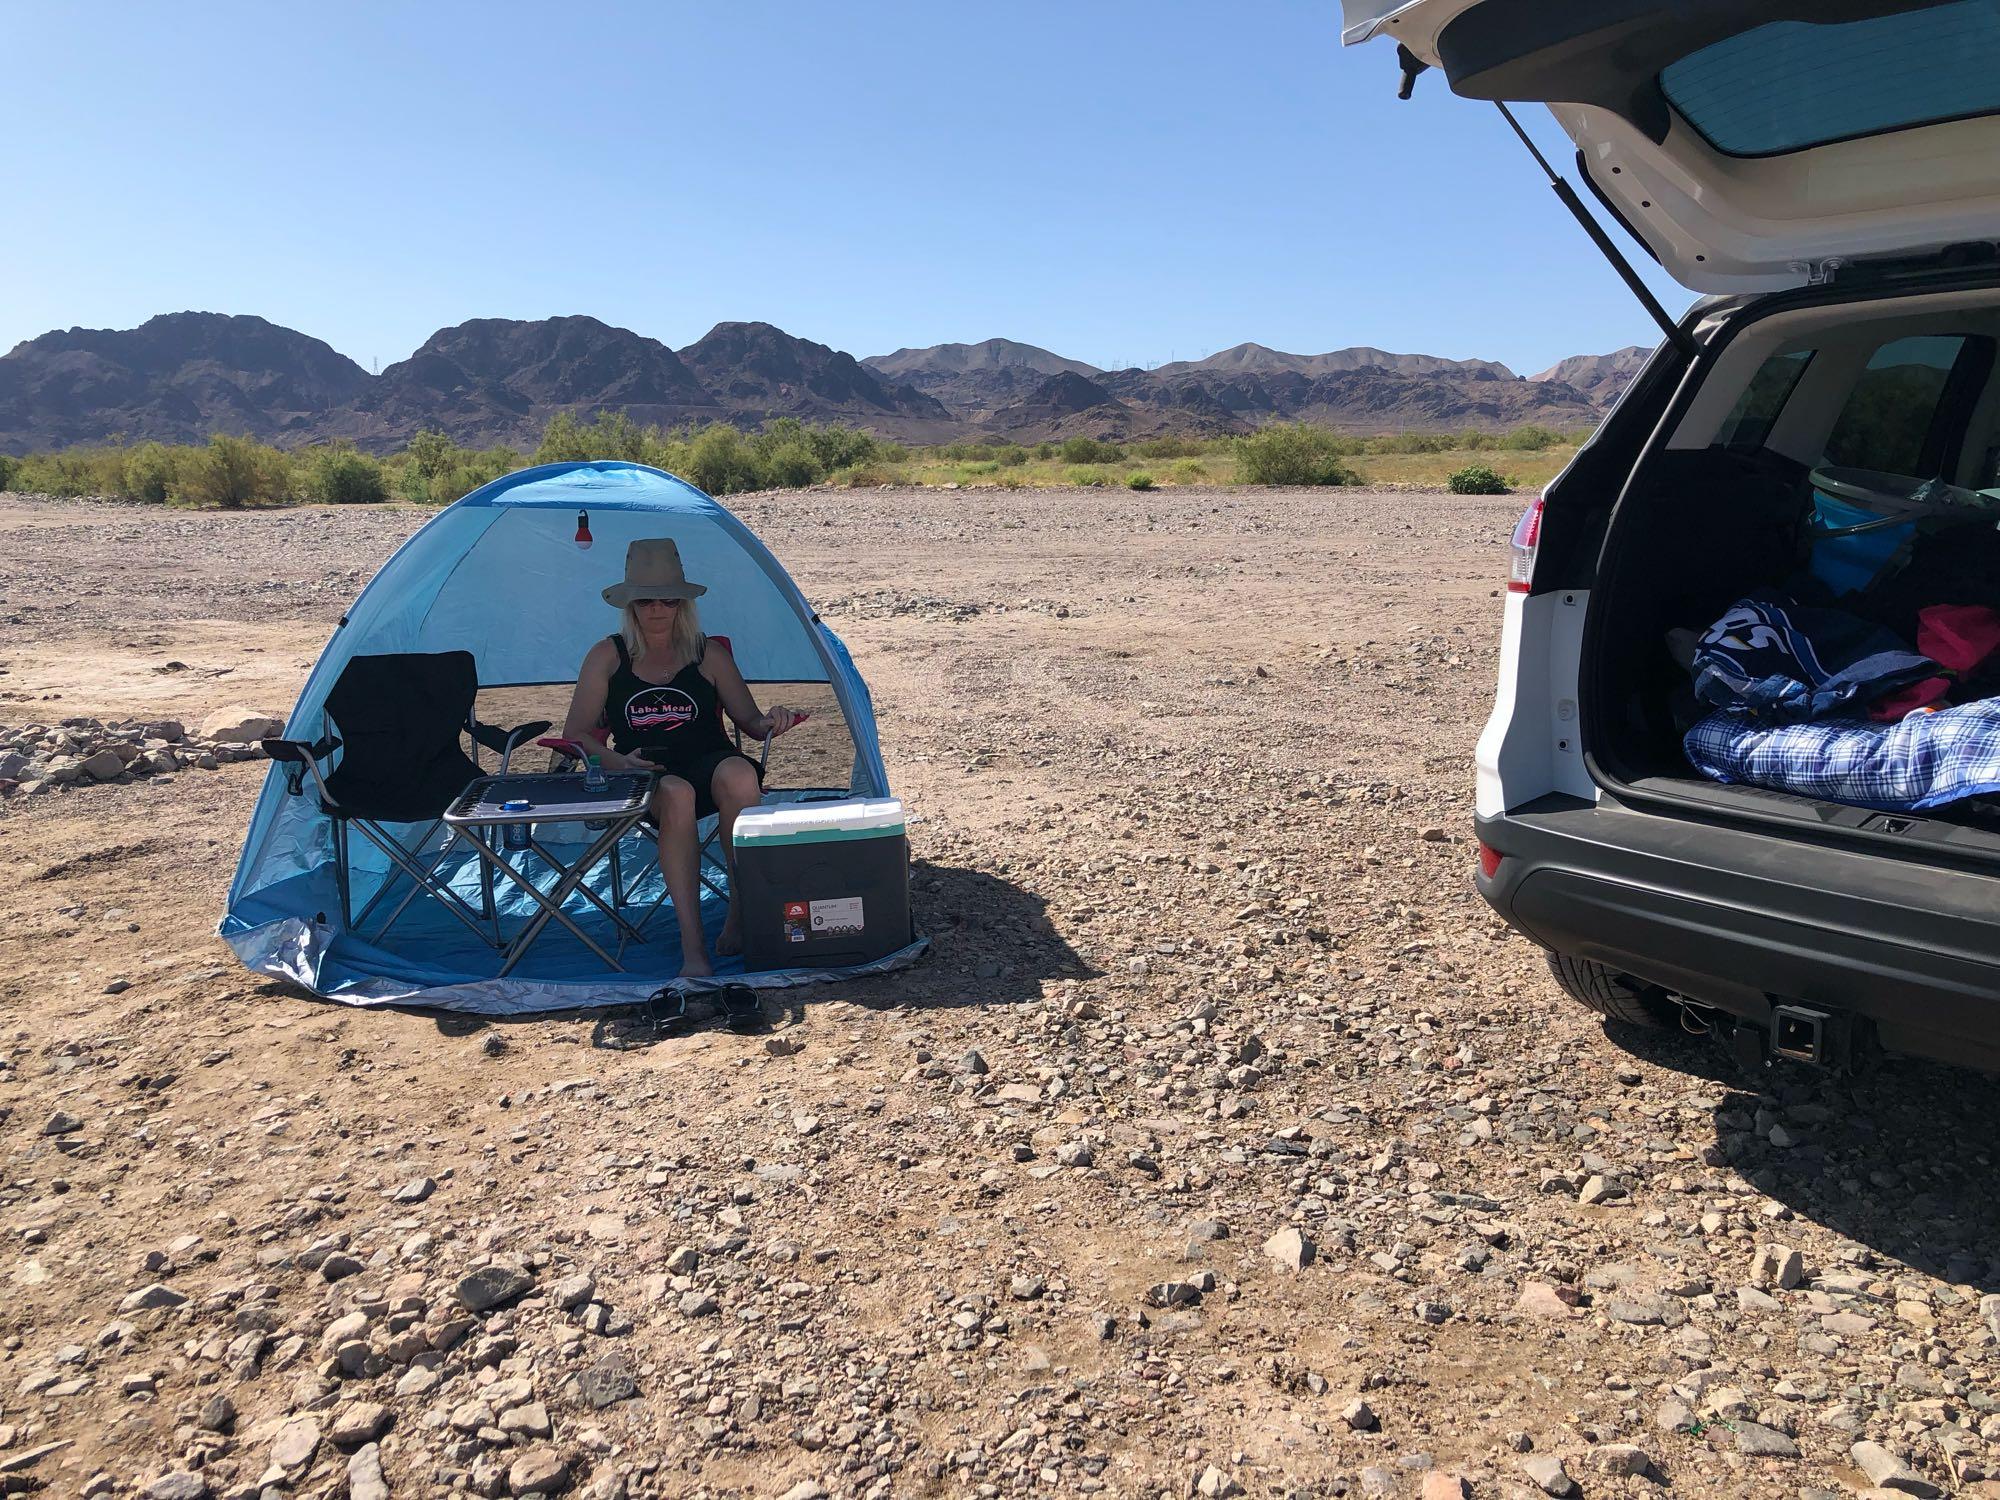 2016 Ford Escape Camper Van Rental In Boulder City Nv Outdoorsy